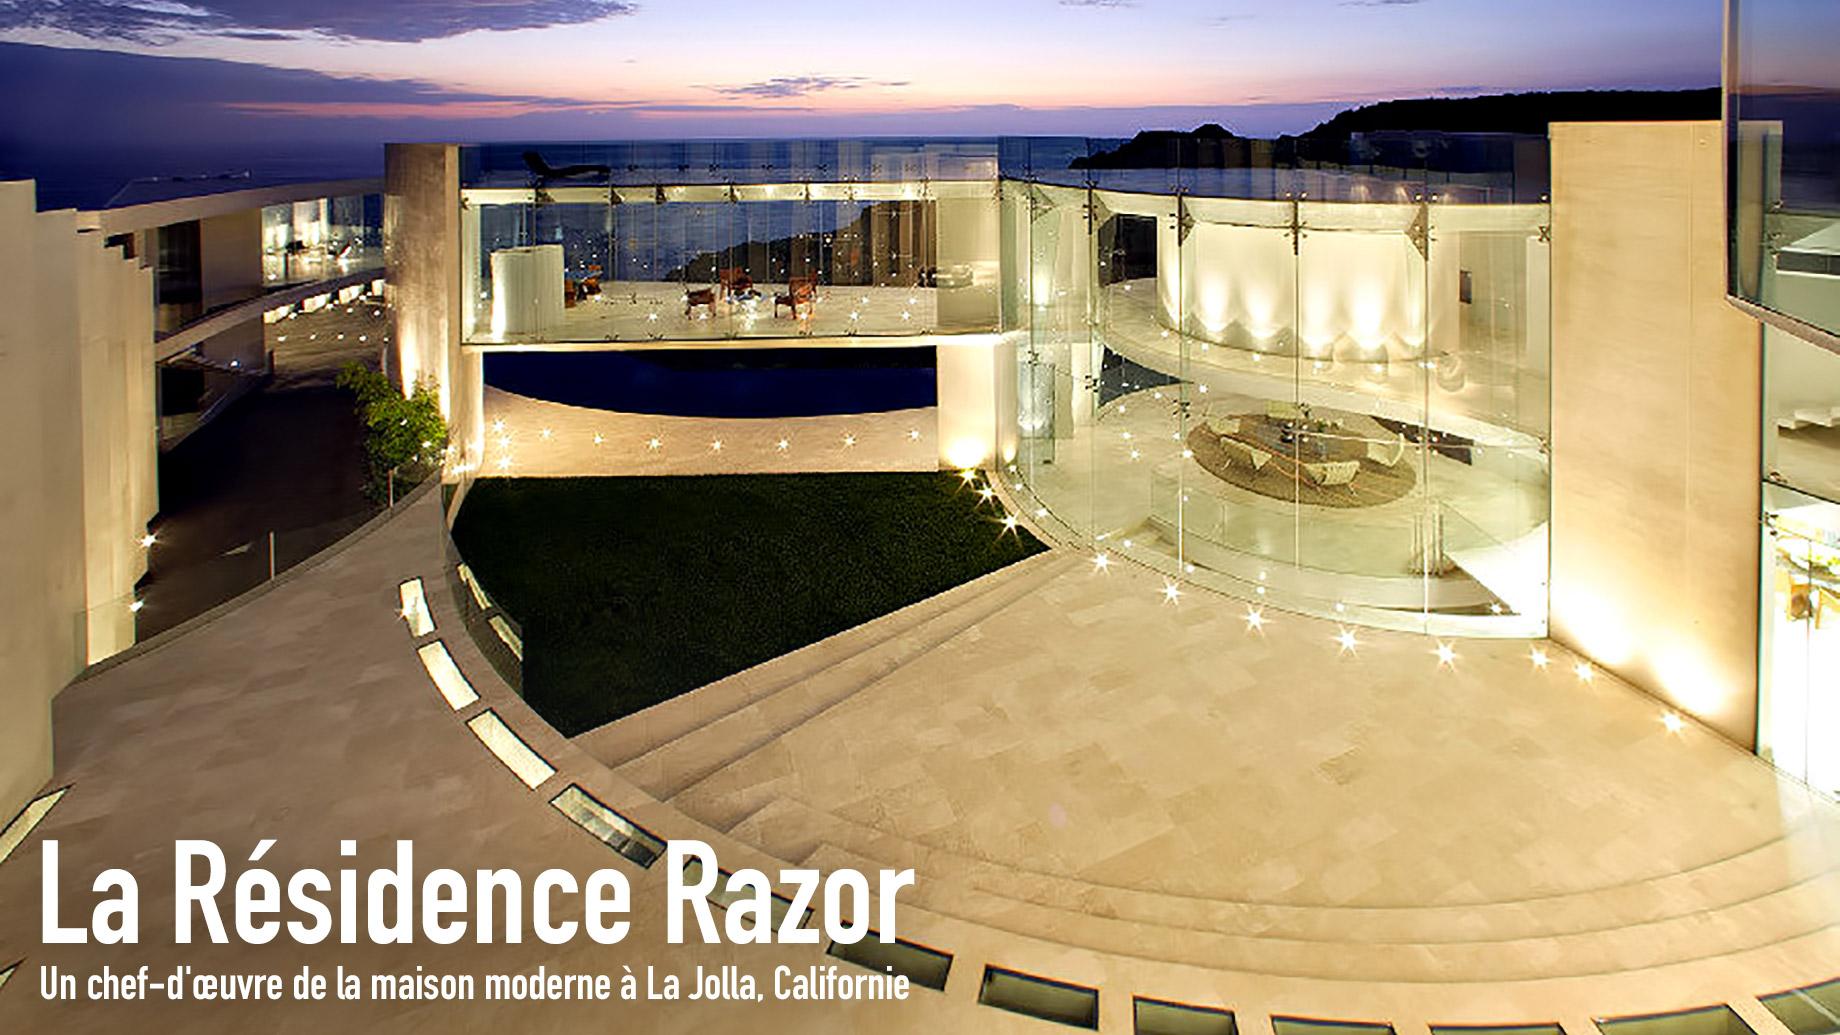 La Résidence Razor - Un chef-d'œuvre de la maison moderne à La Jolla, Californie